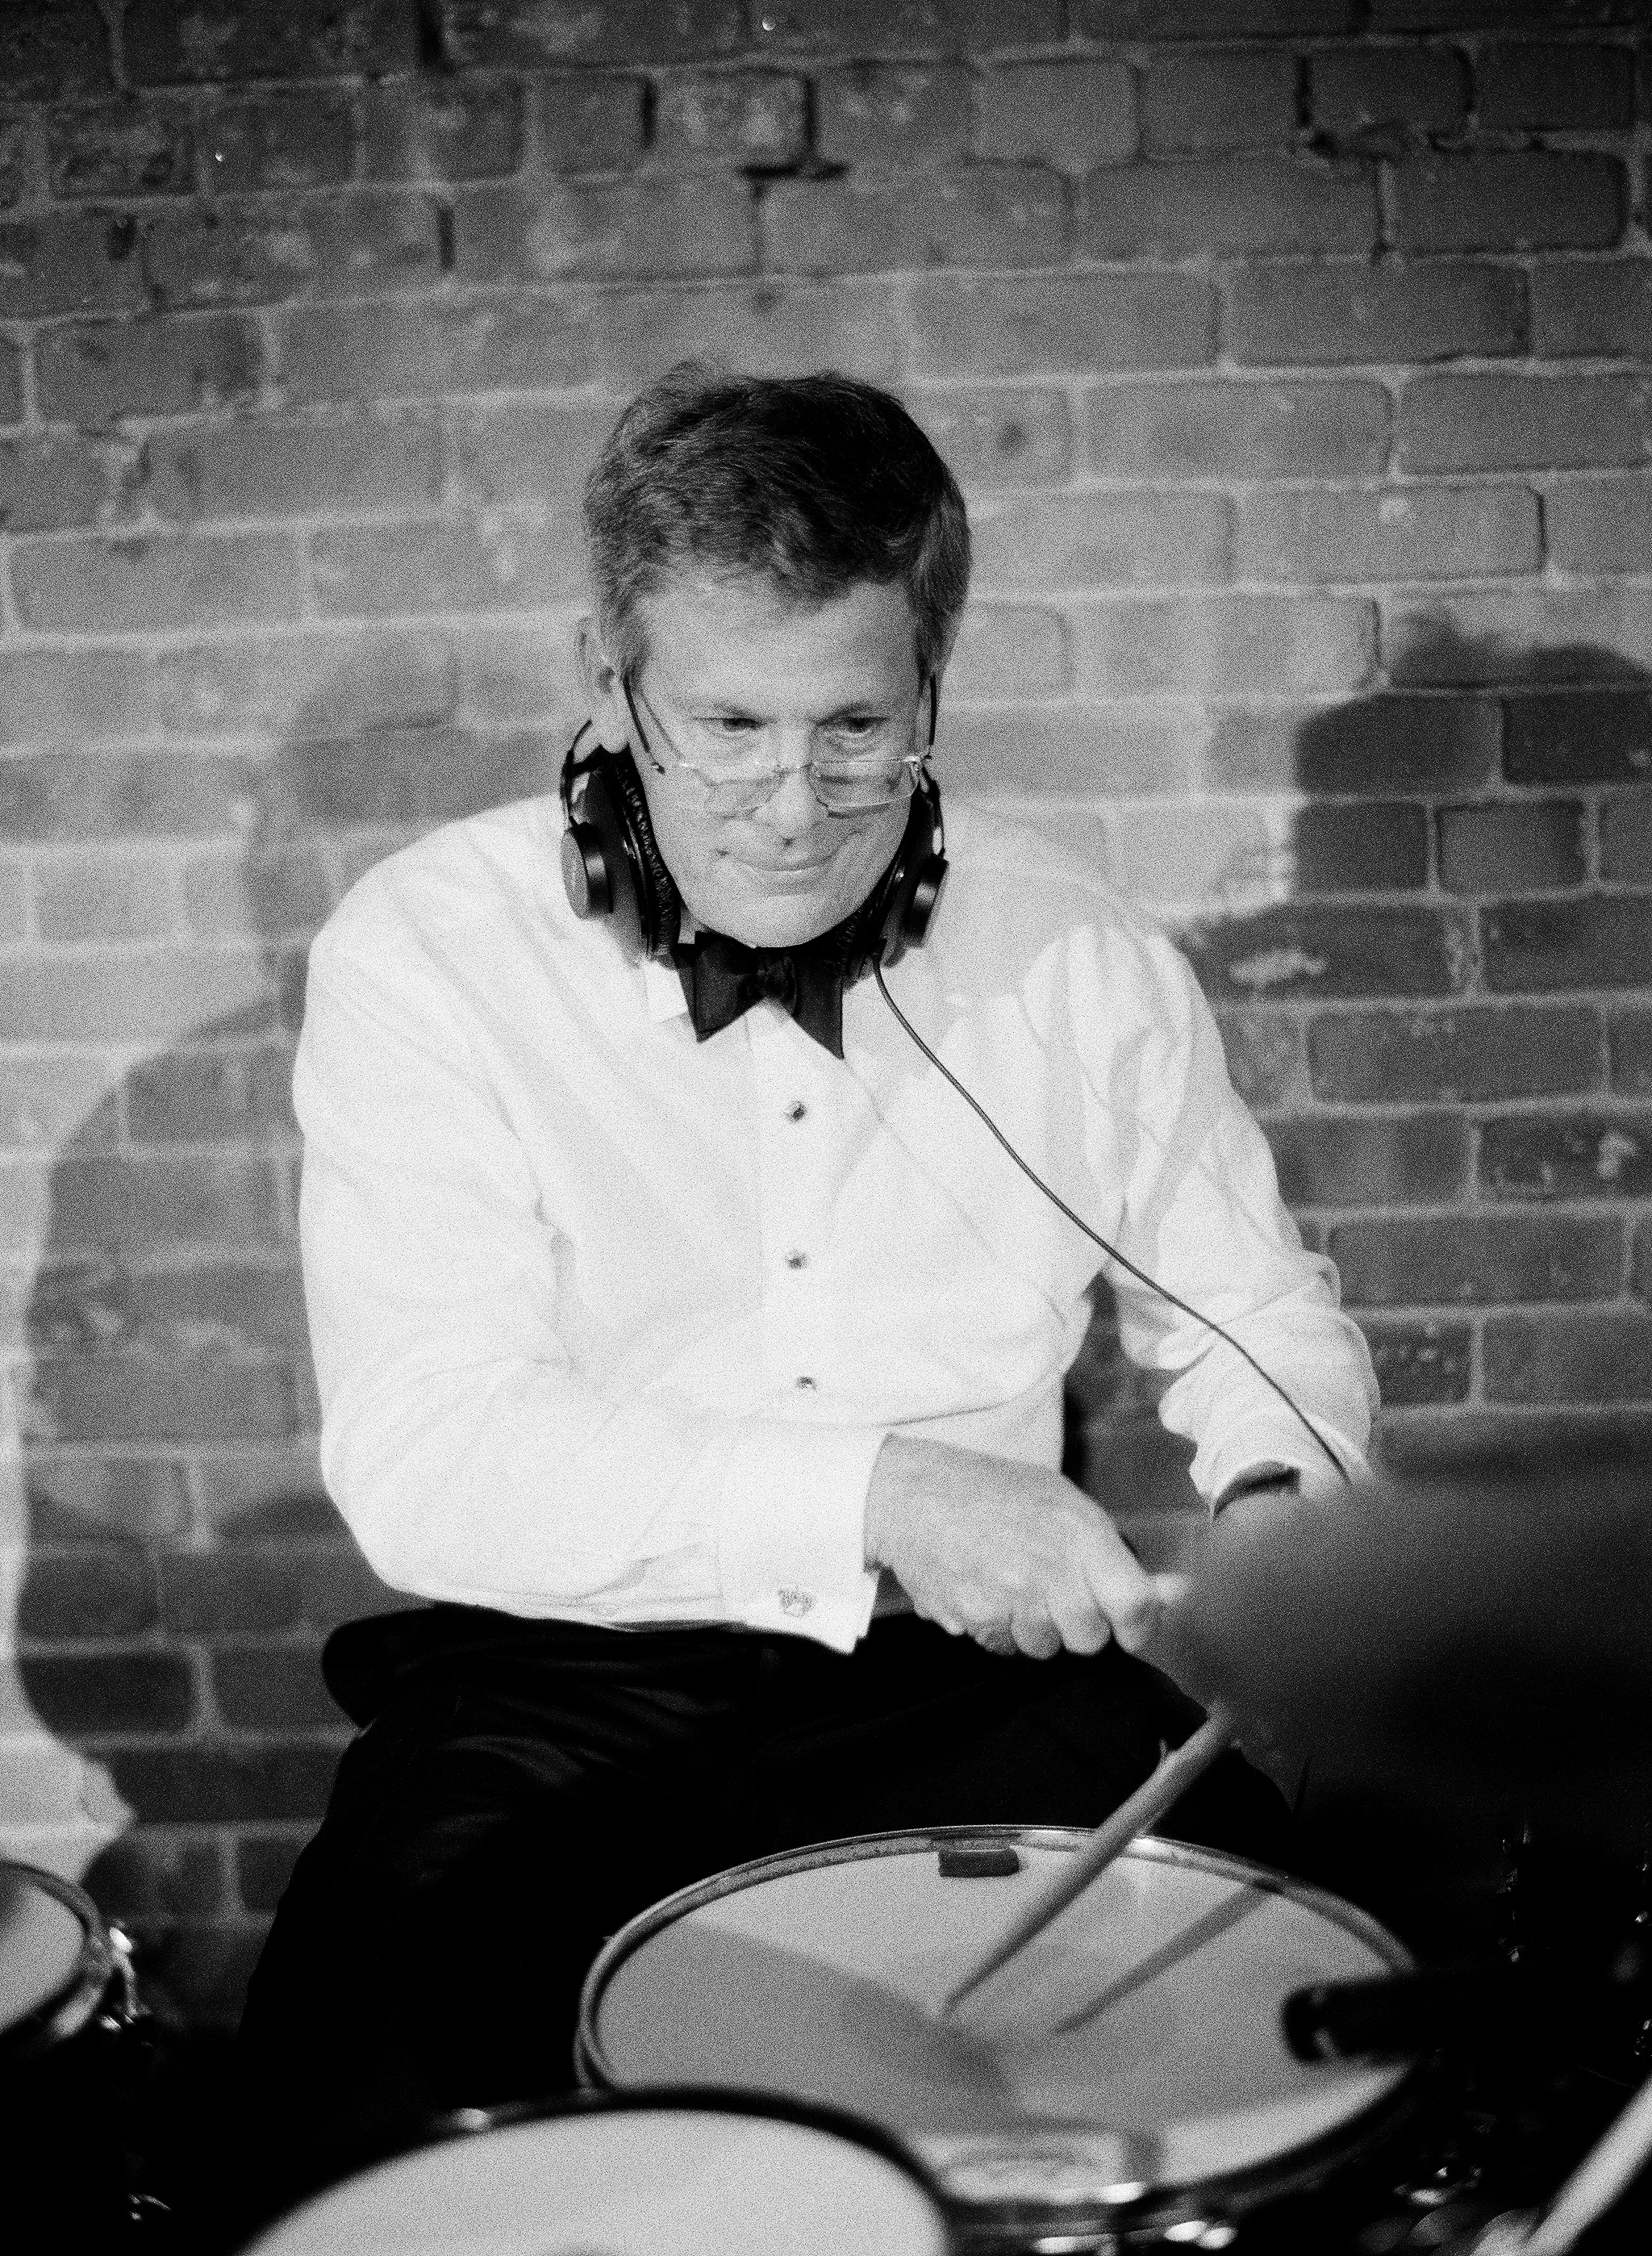 afton travers wedding drum